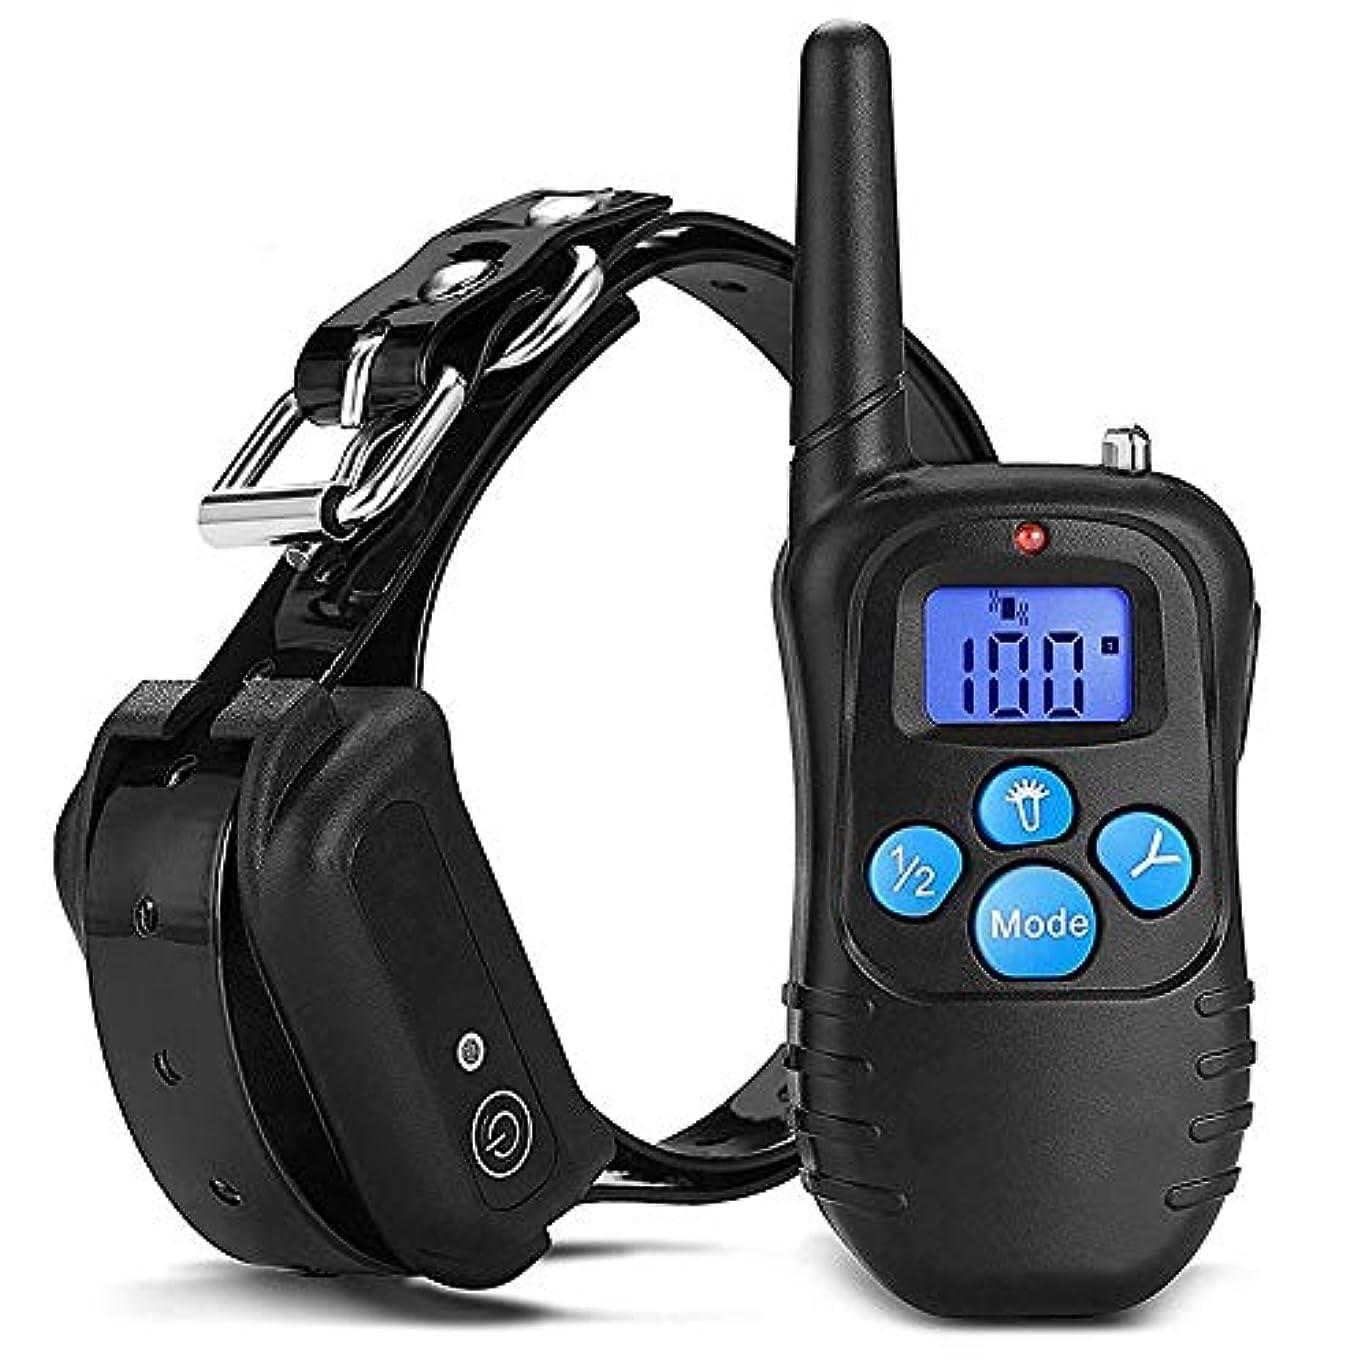 抑止する怒り目の前のJiabei 300 /防水リモートコントロール犬の訓練のデバイスペットいびきデバイストレーニング犬のデバイスをm個 (色 : As-picture)